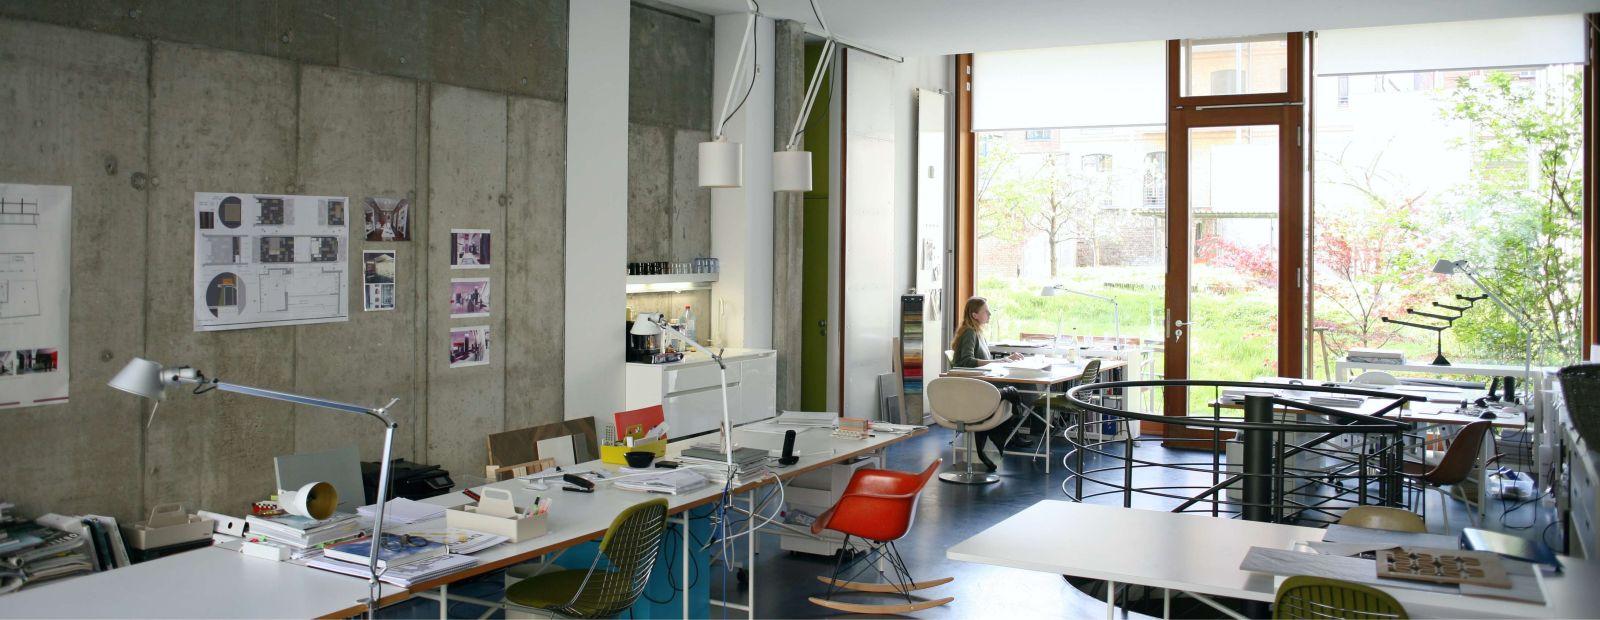 STUDIO   SUSANNE KAISER Innenarchitektur Berlin, Interior Design